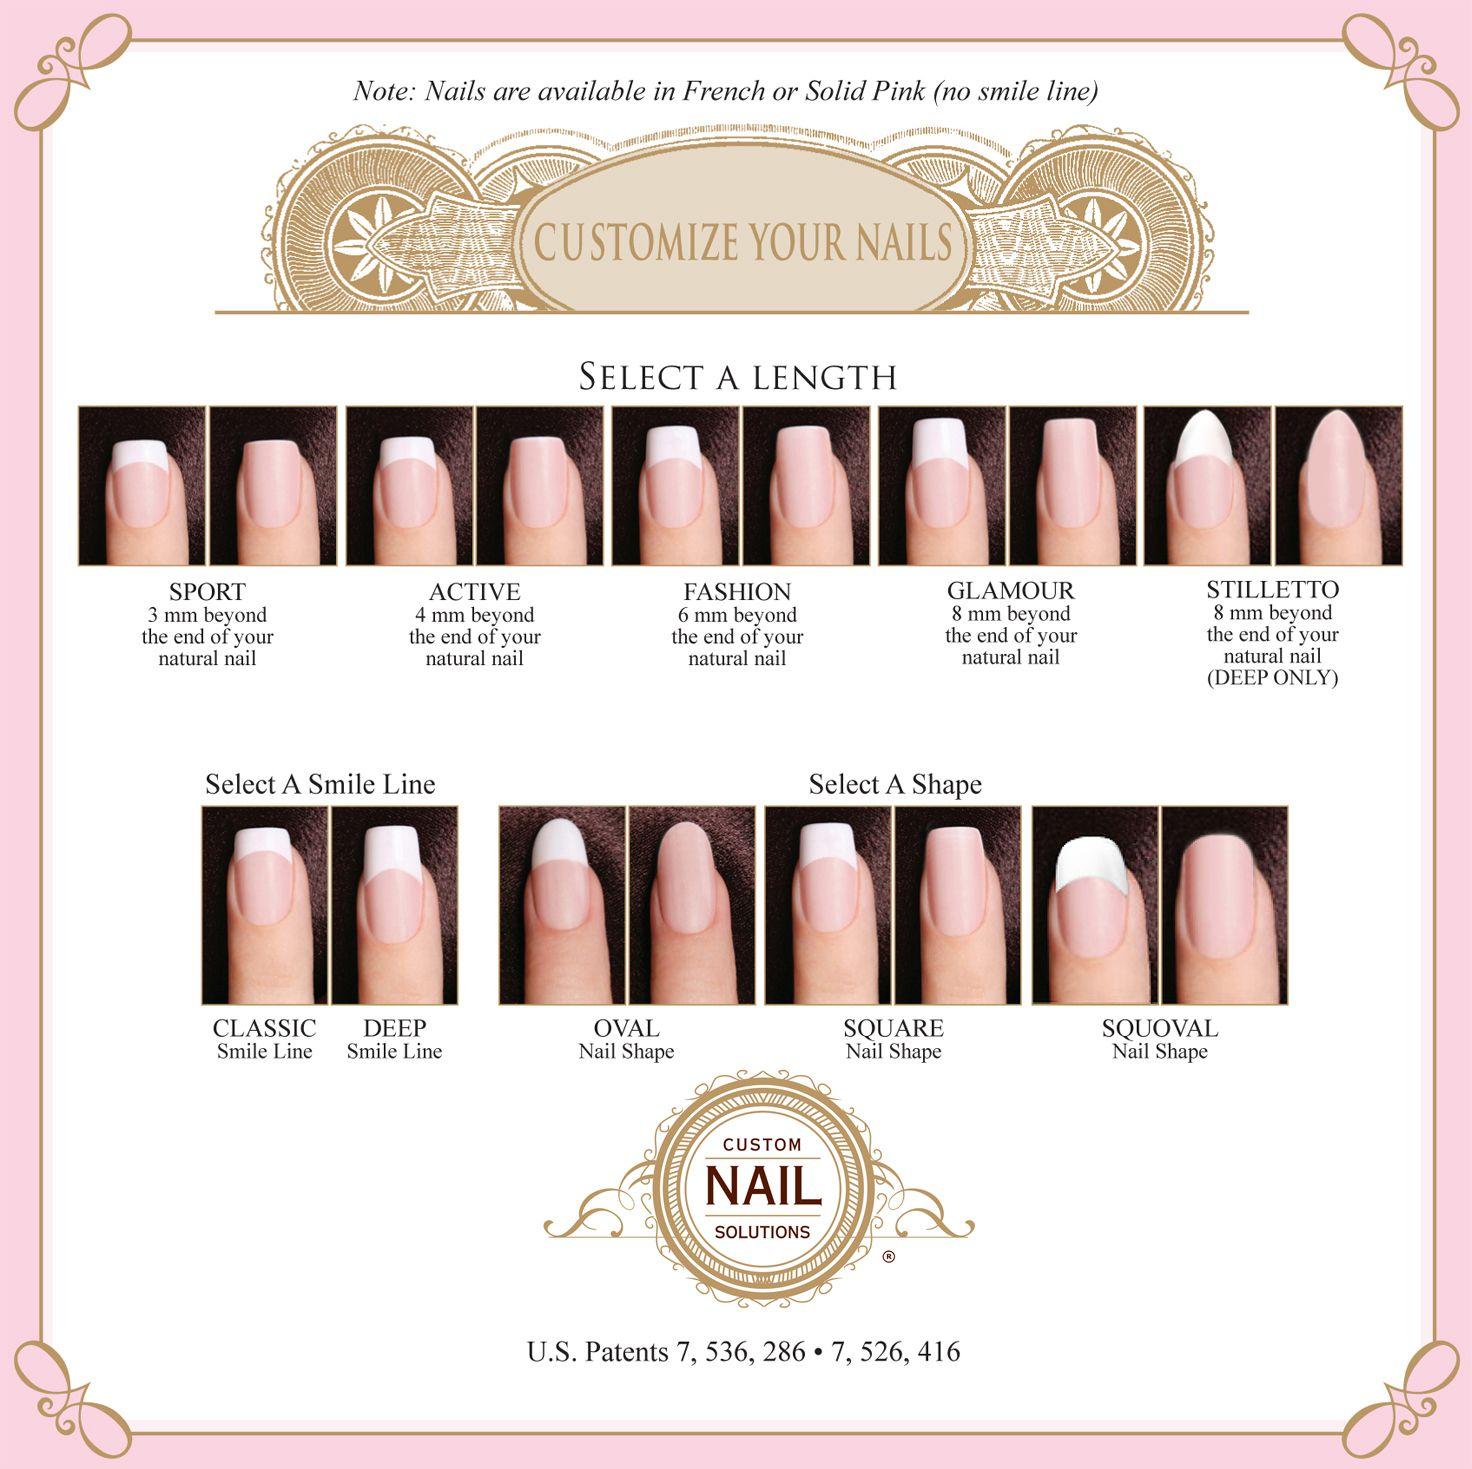 Custom Nail Solutions Impression System Prize Giveaway Nail Length Acrylic Nail Shapes Diy Wedding Nails